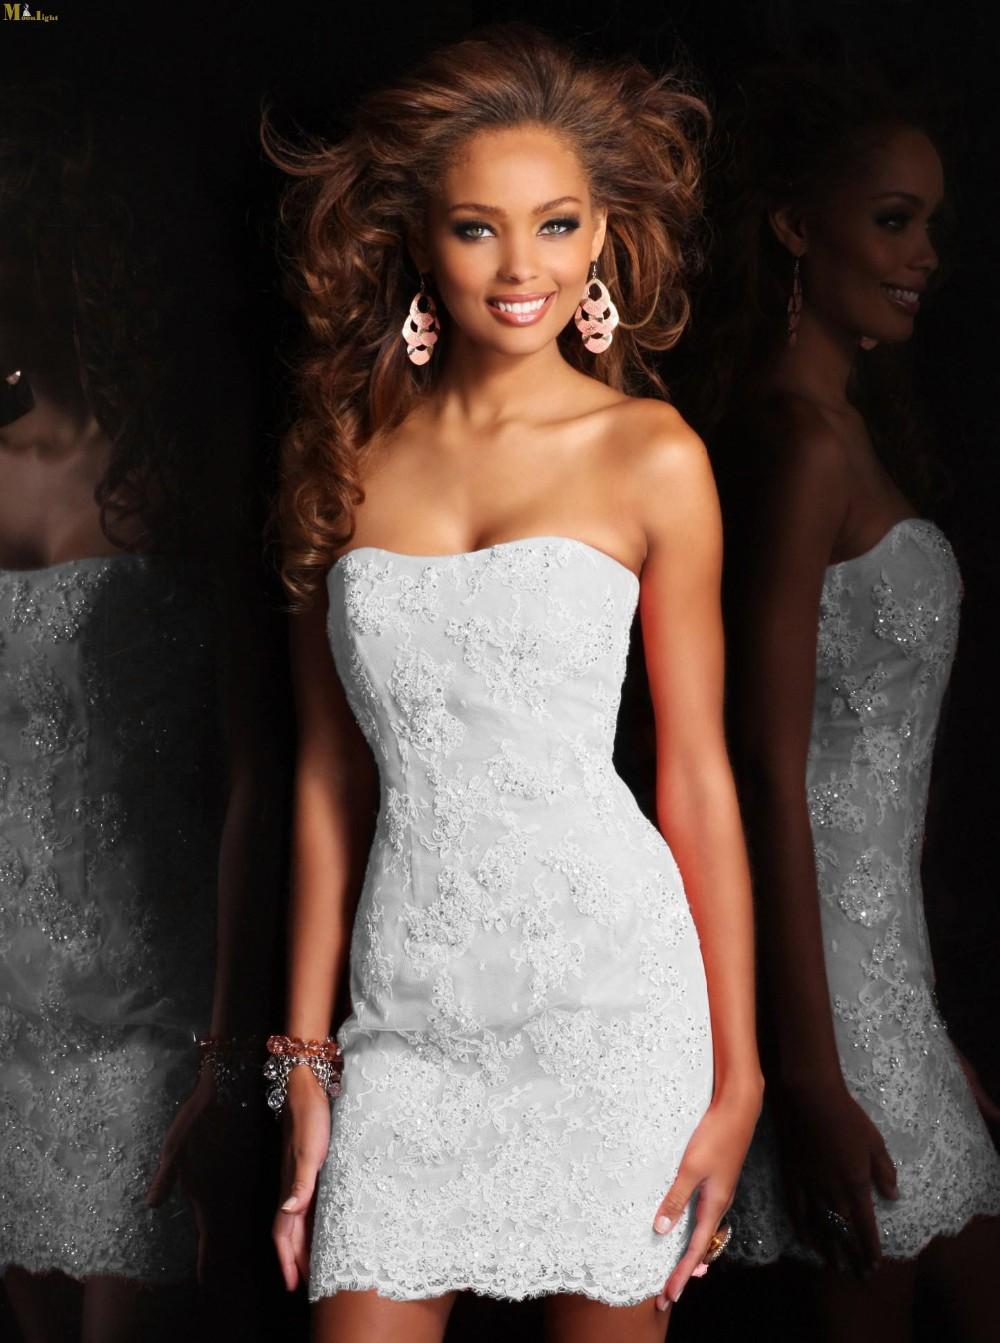 например-007 2015 новый милая приложение чистый белый Сэм Уэйд платье юбка свадебные платья